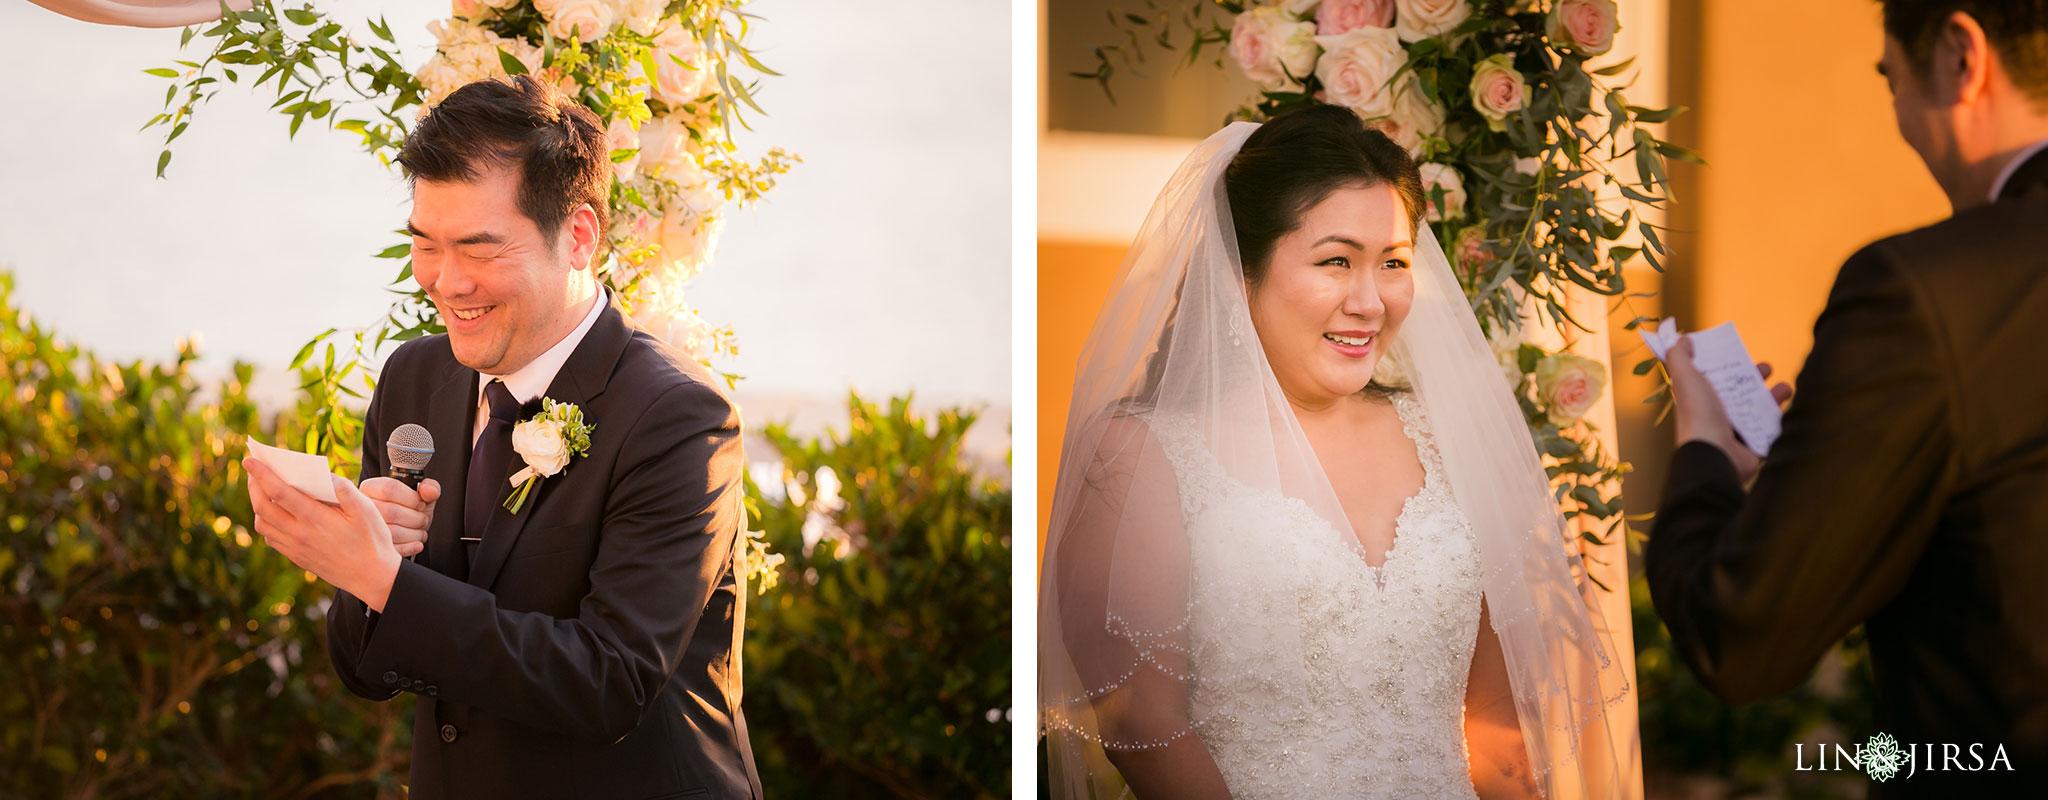 22 portofino hotel redondo beach wedding ceremony photography